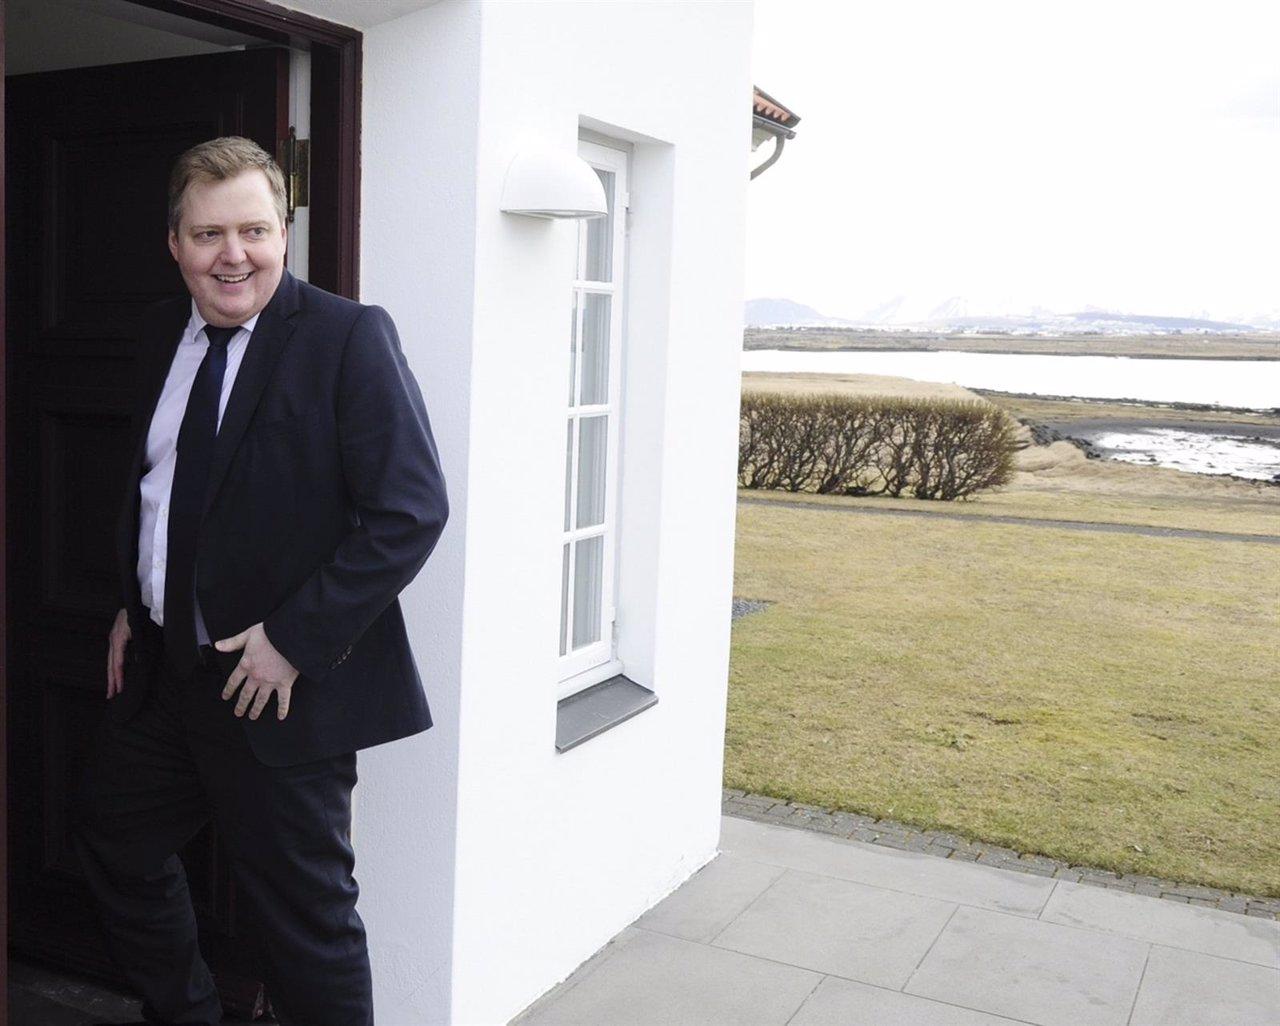 El primer ministro de Islandia, Sigmundur Gunnlaugsson